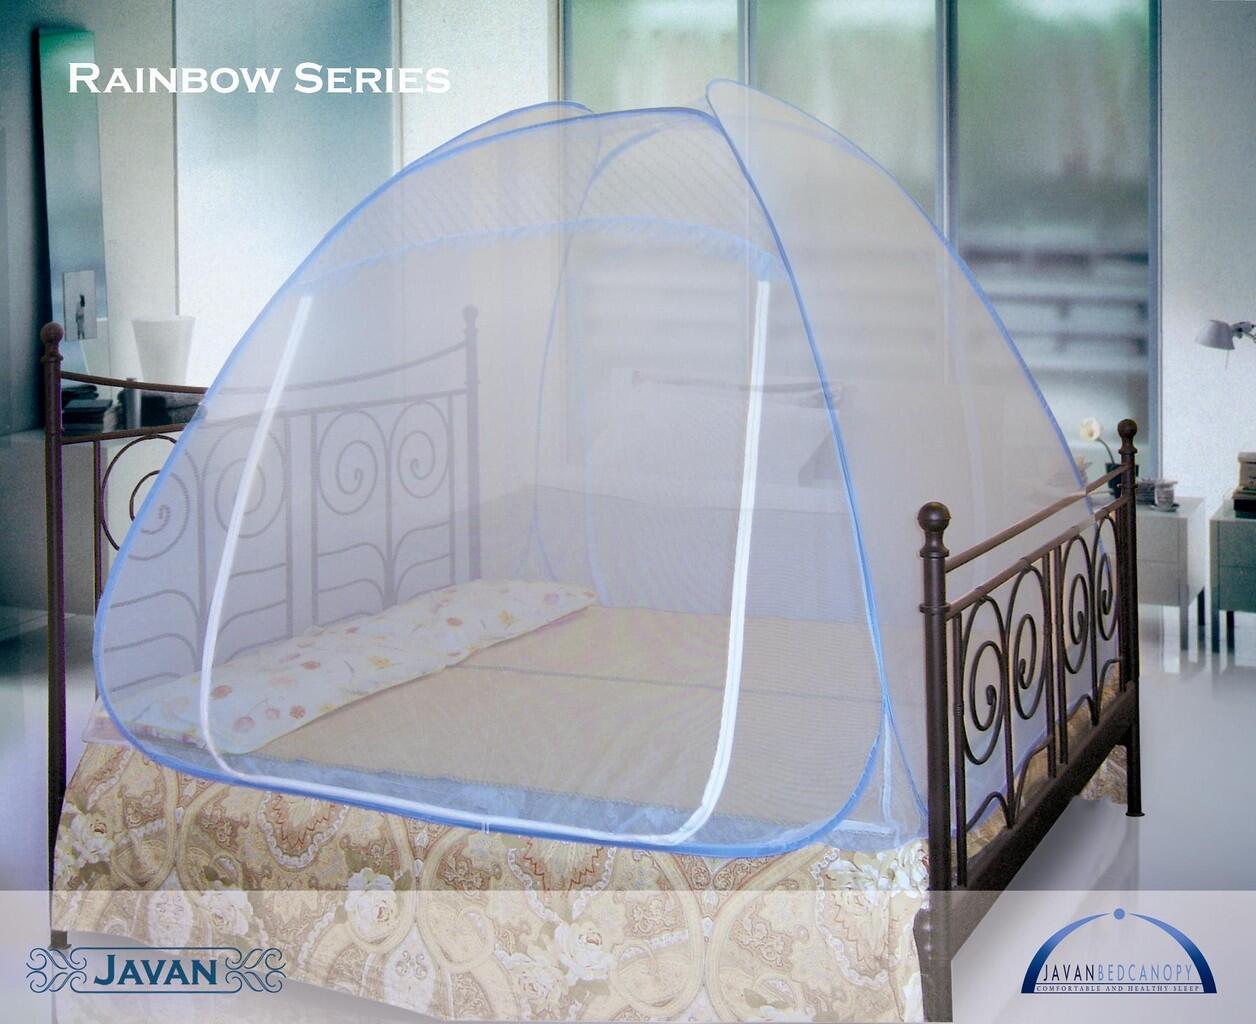 - Terjual JUAL Javan Bed Canopy, Bed Shield, Javan Pillow. KASKUS